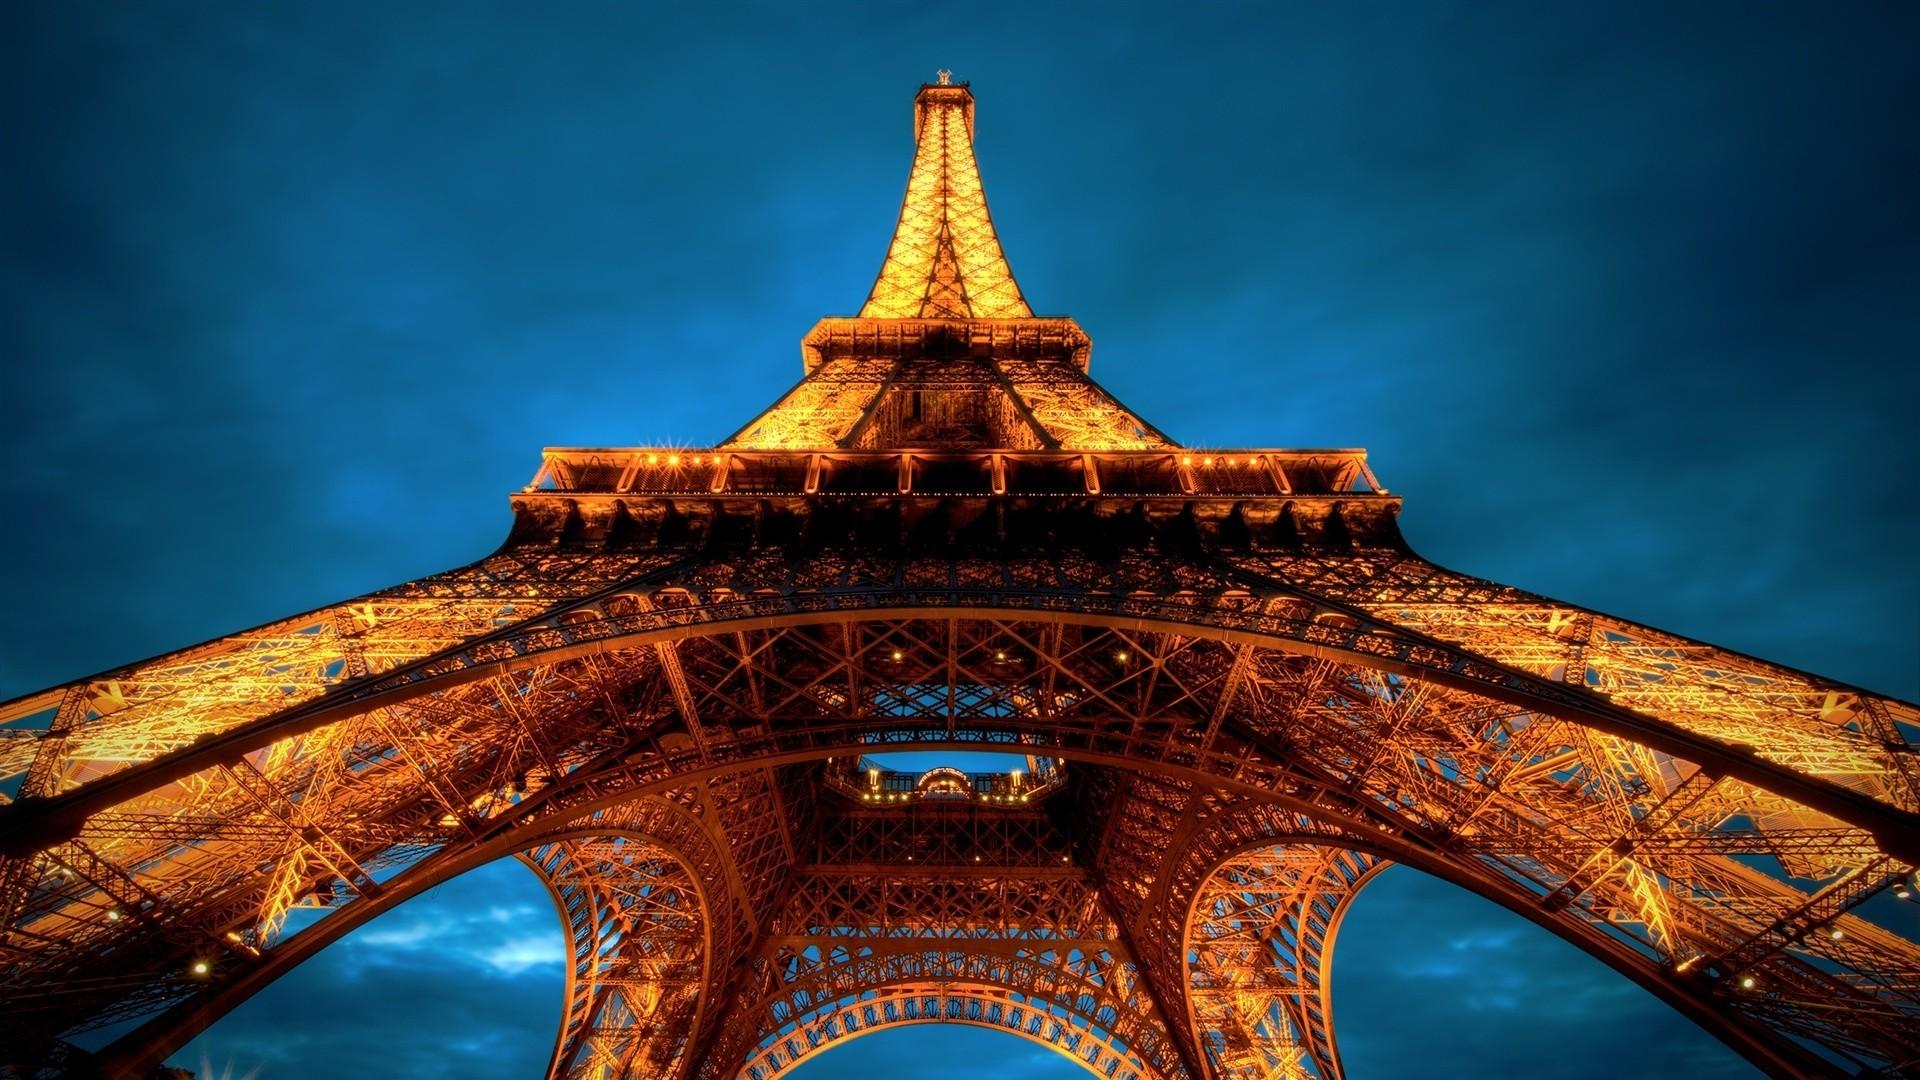 Eiffel Tower hd wallpaper download